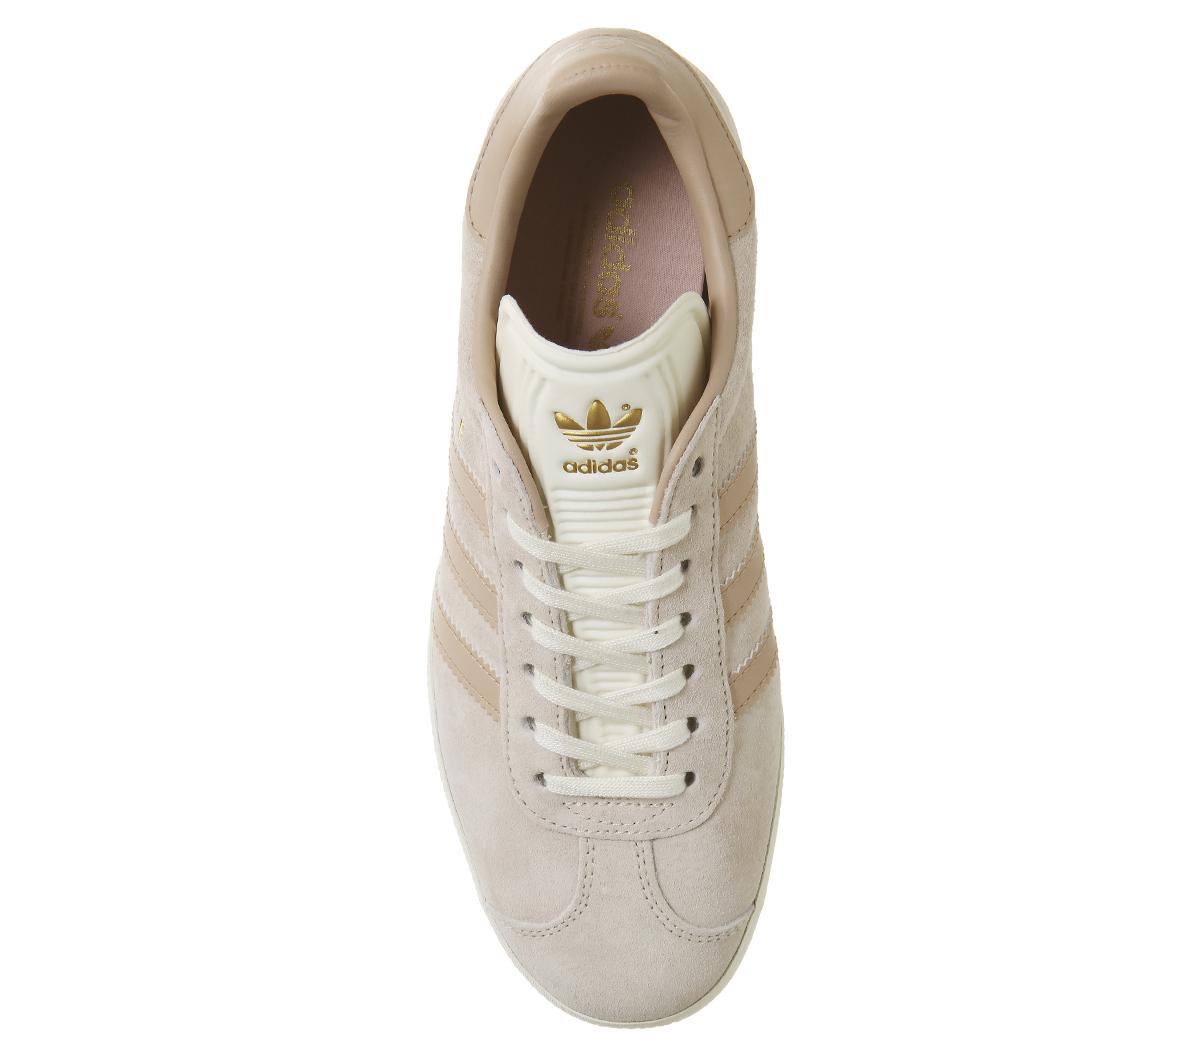 Adidas Adidas Adidas Originals Trainers Stan Smith Bold w DA8641 Rosa 711461